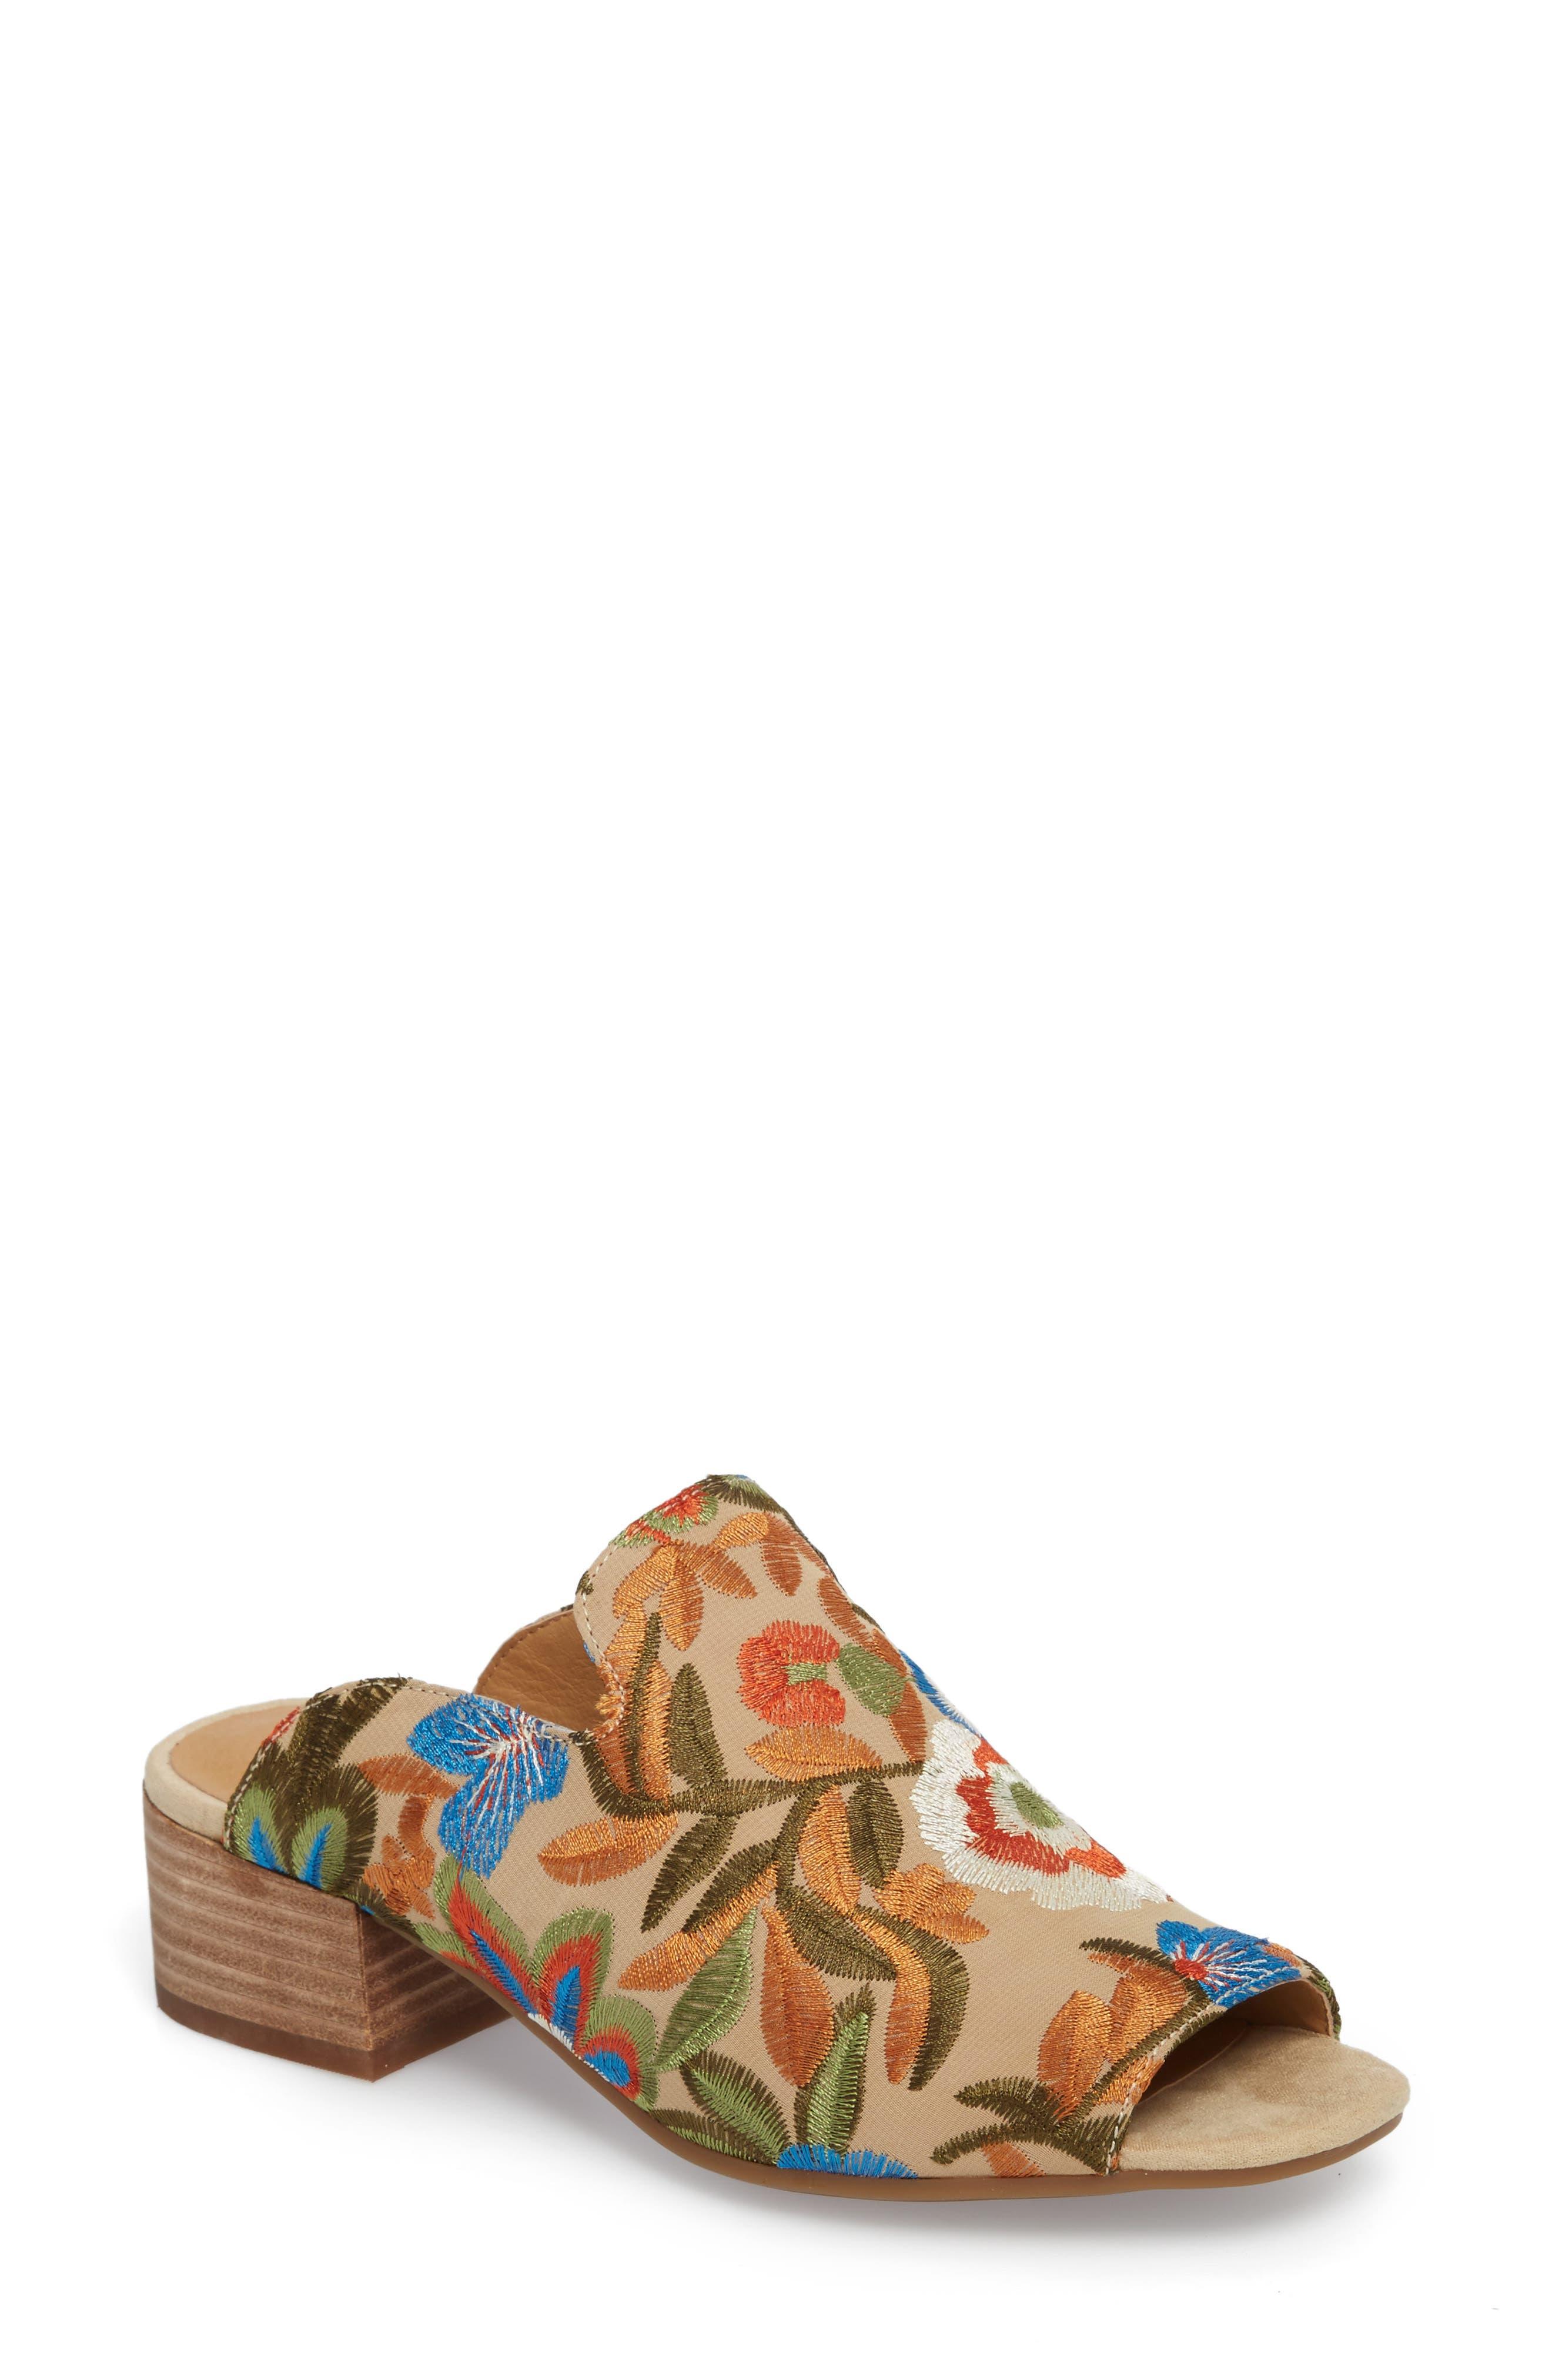 Main Image - Lucky Brand Noomrie Sandal (Women)